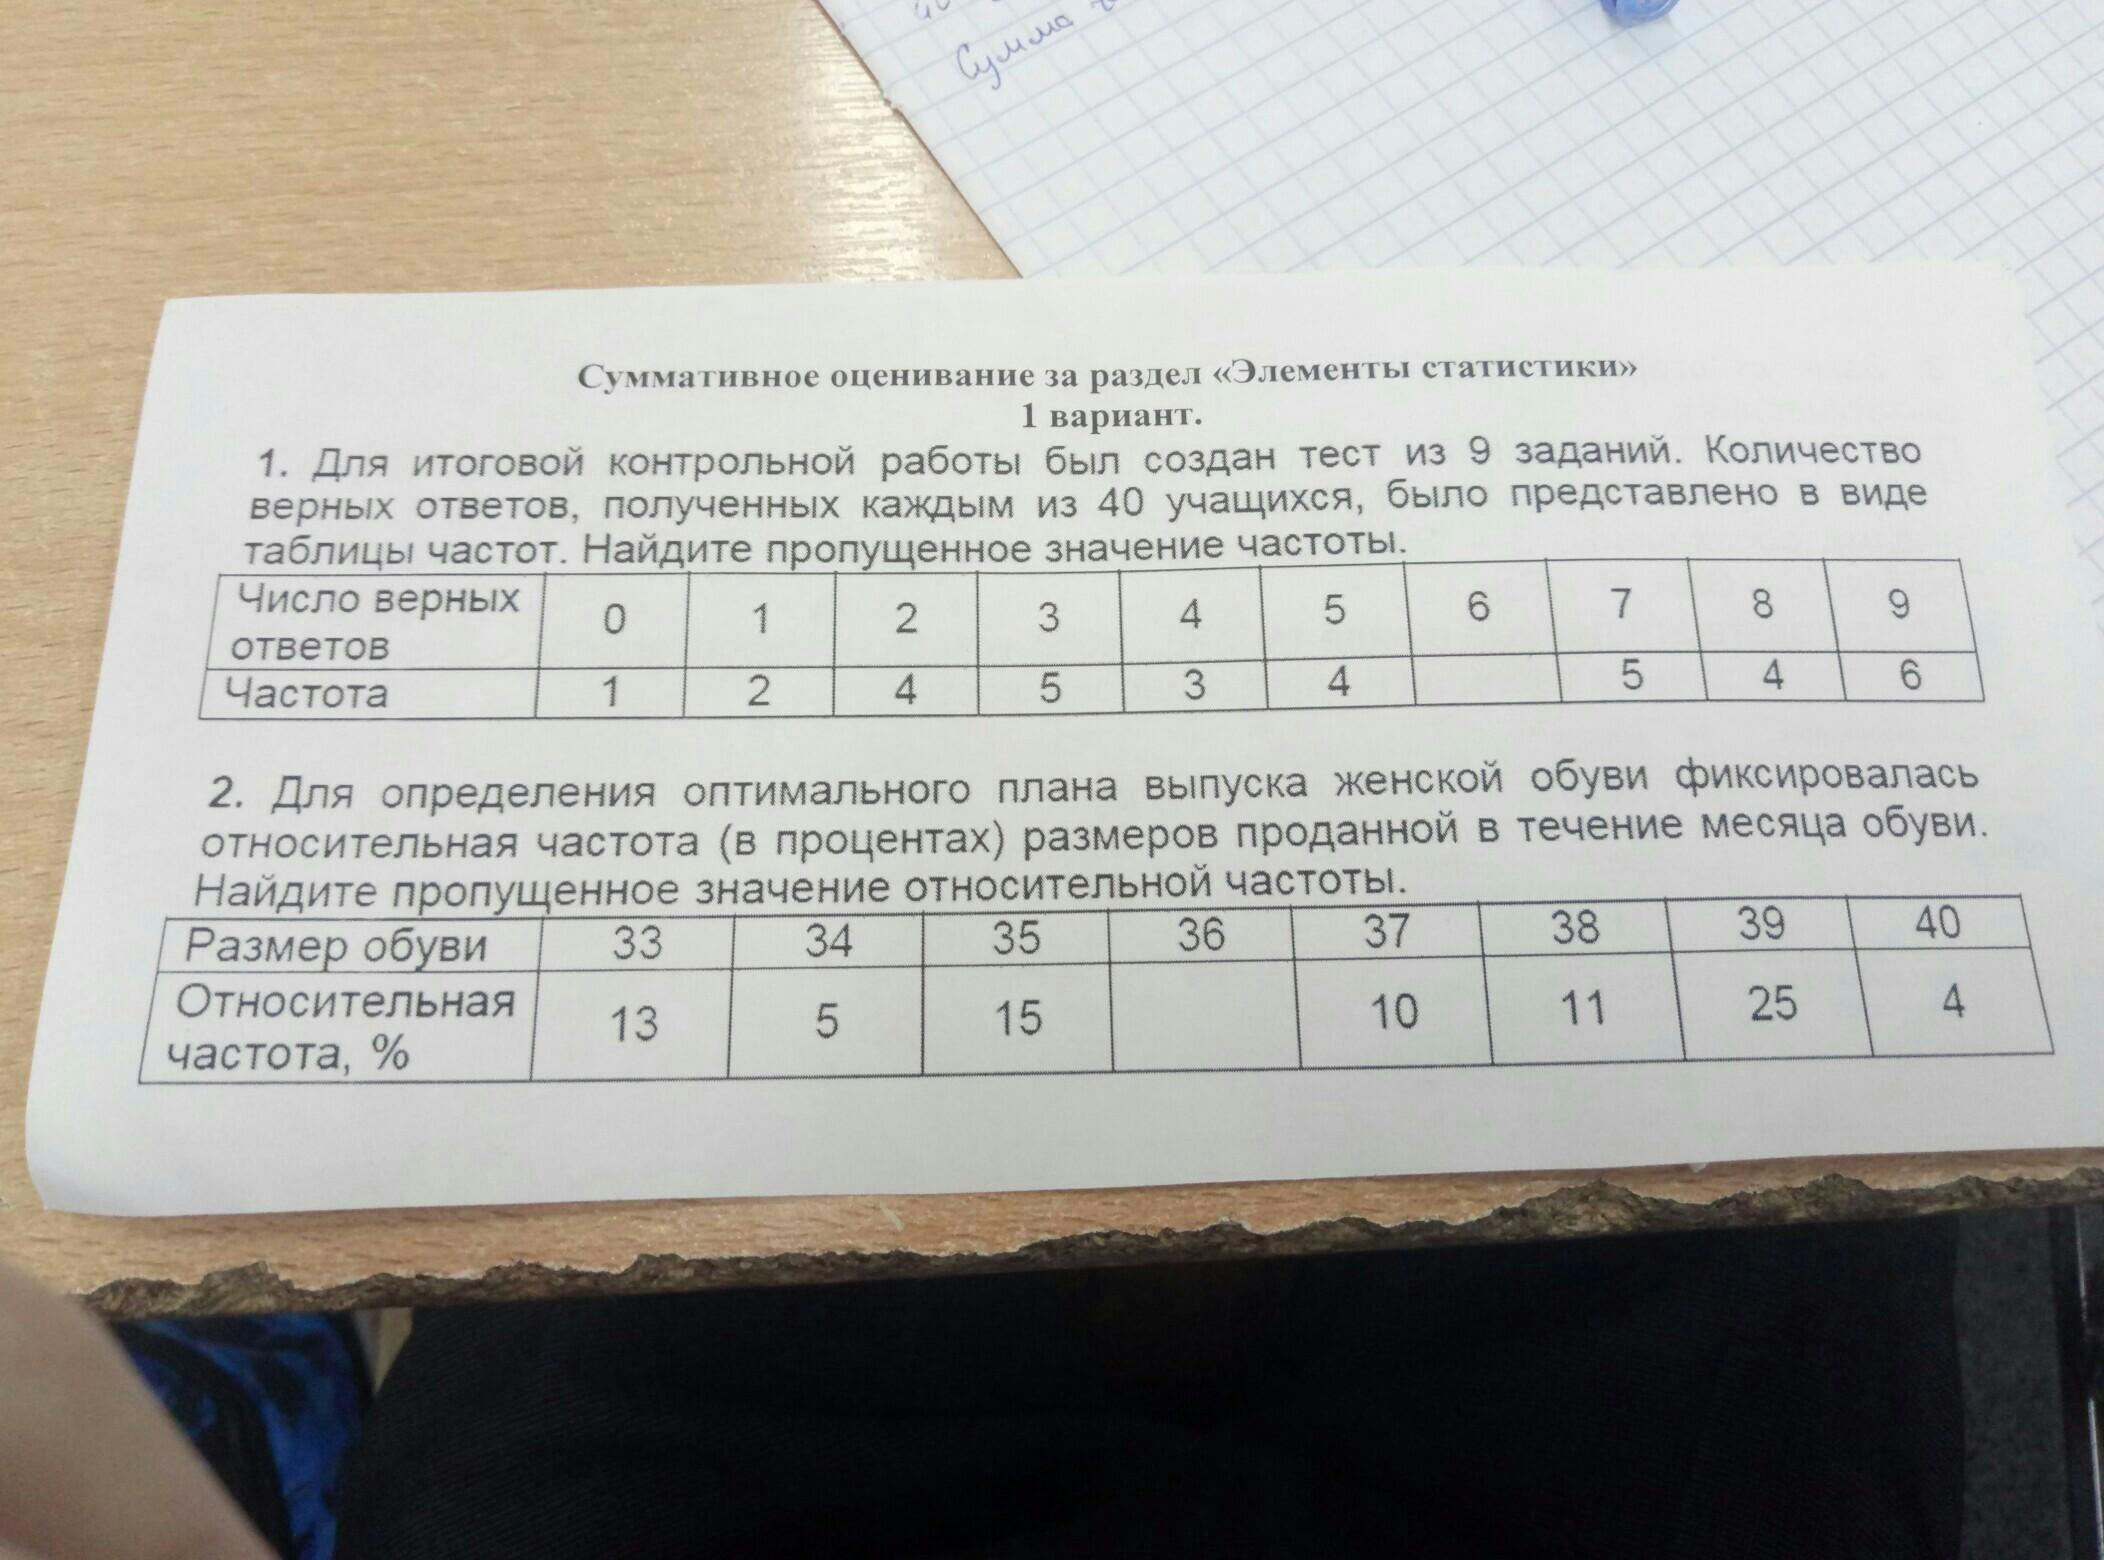 Сколько стоит контрольная работа по химии для вуза 6447